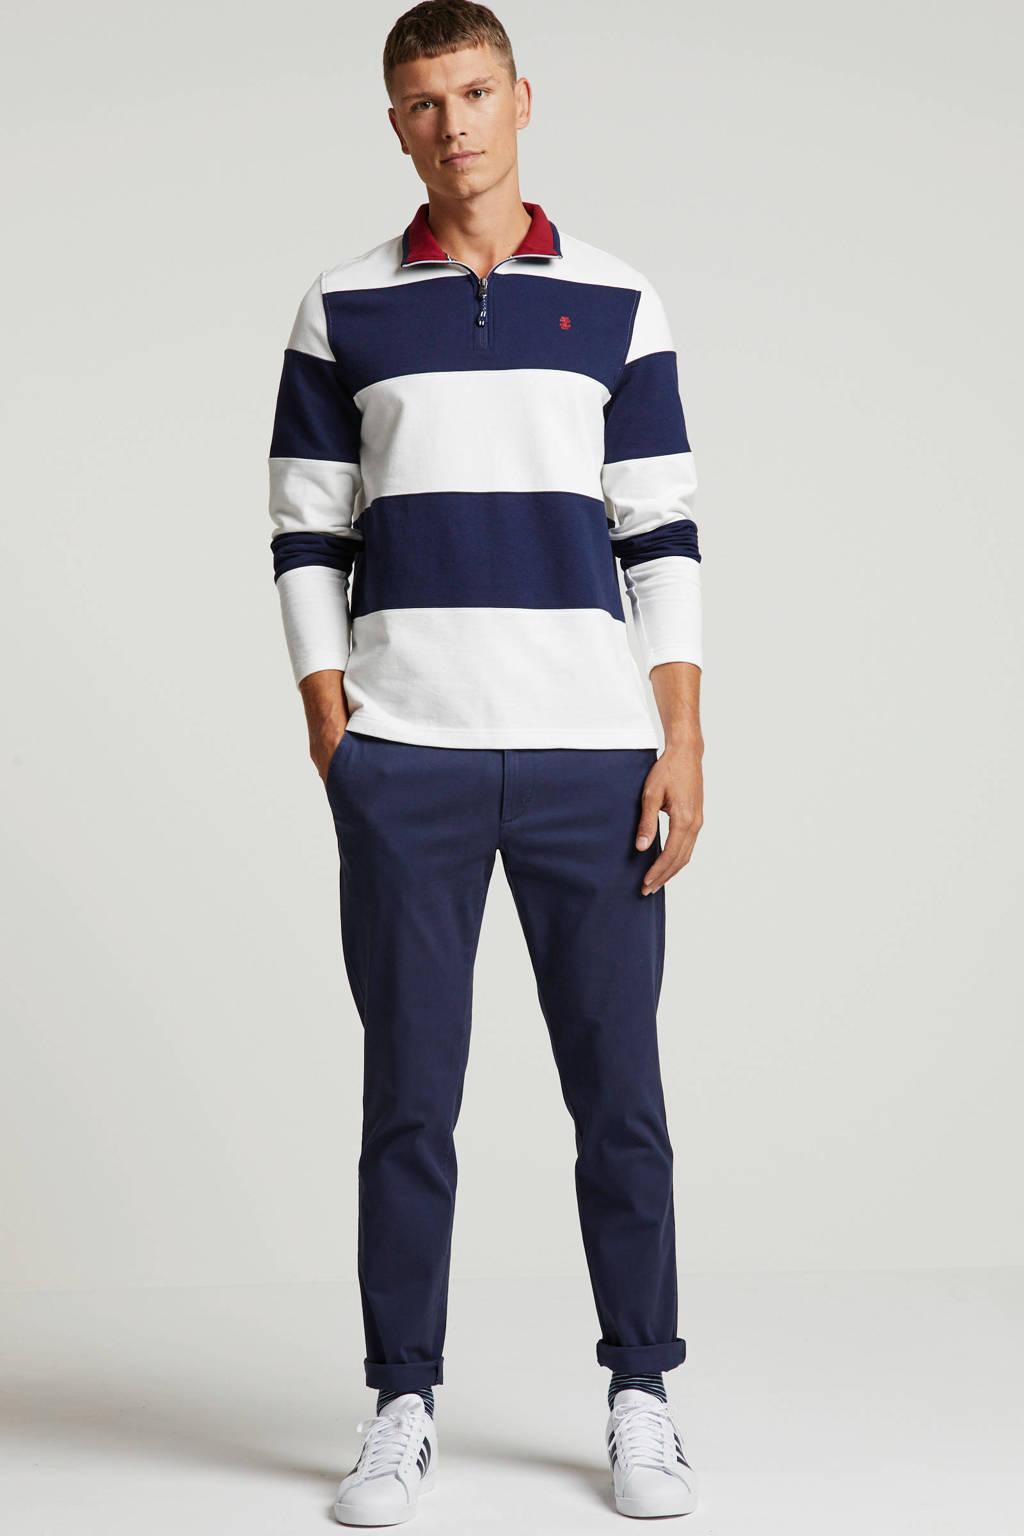 IZOD gestreepte trui wit/donkerblauw, Wit/donkerblauw